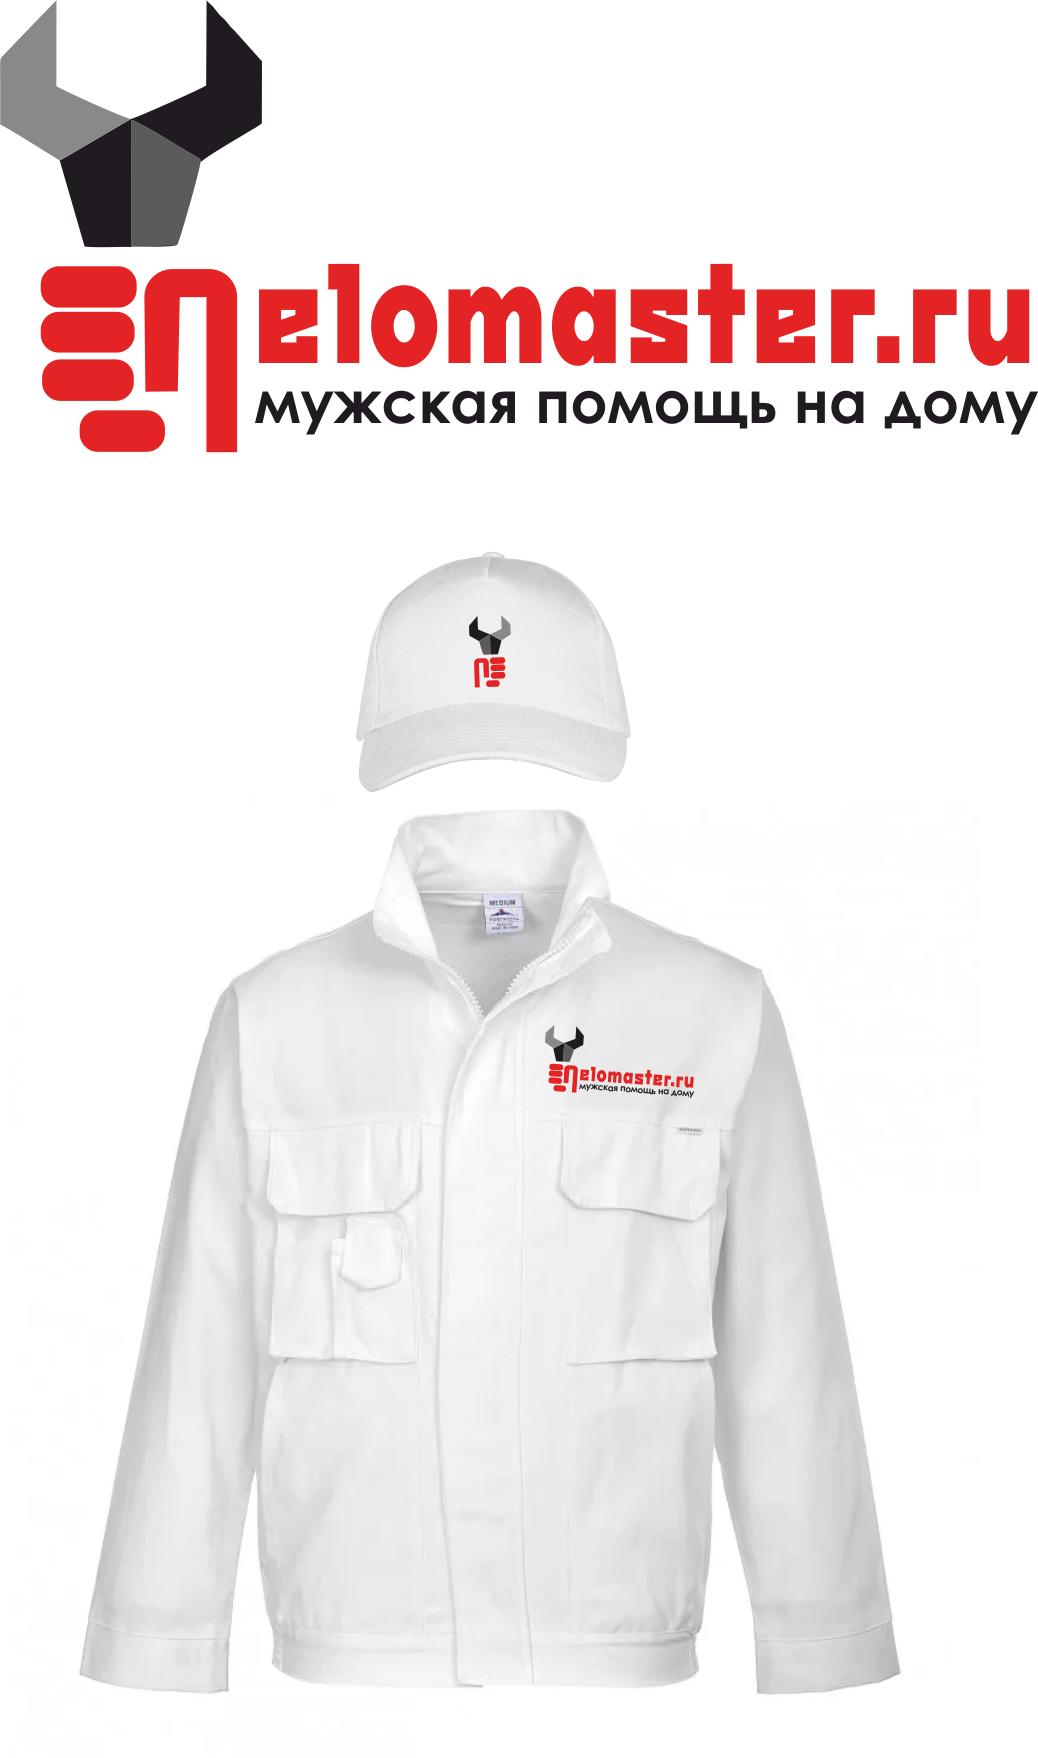 """Логотип сервиса """"Муж на час""""=""""Мужская помощь по дому"""" фото f_8775dc0133d401f5.png"""